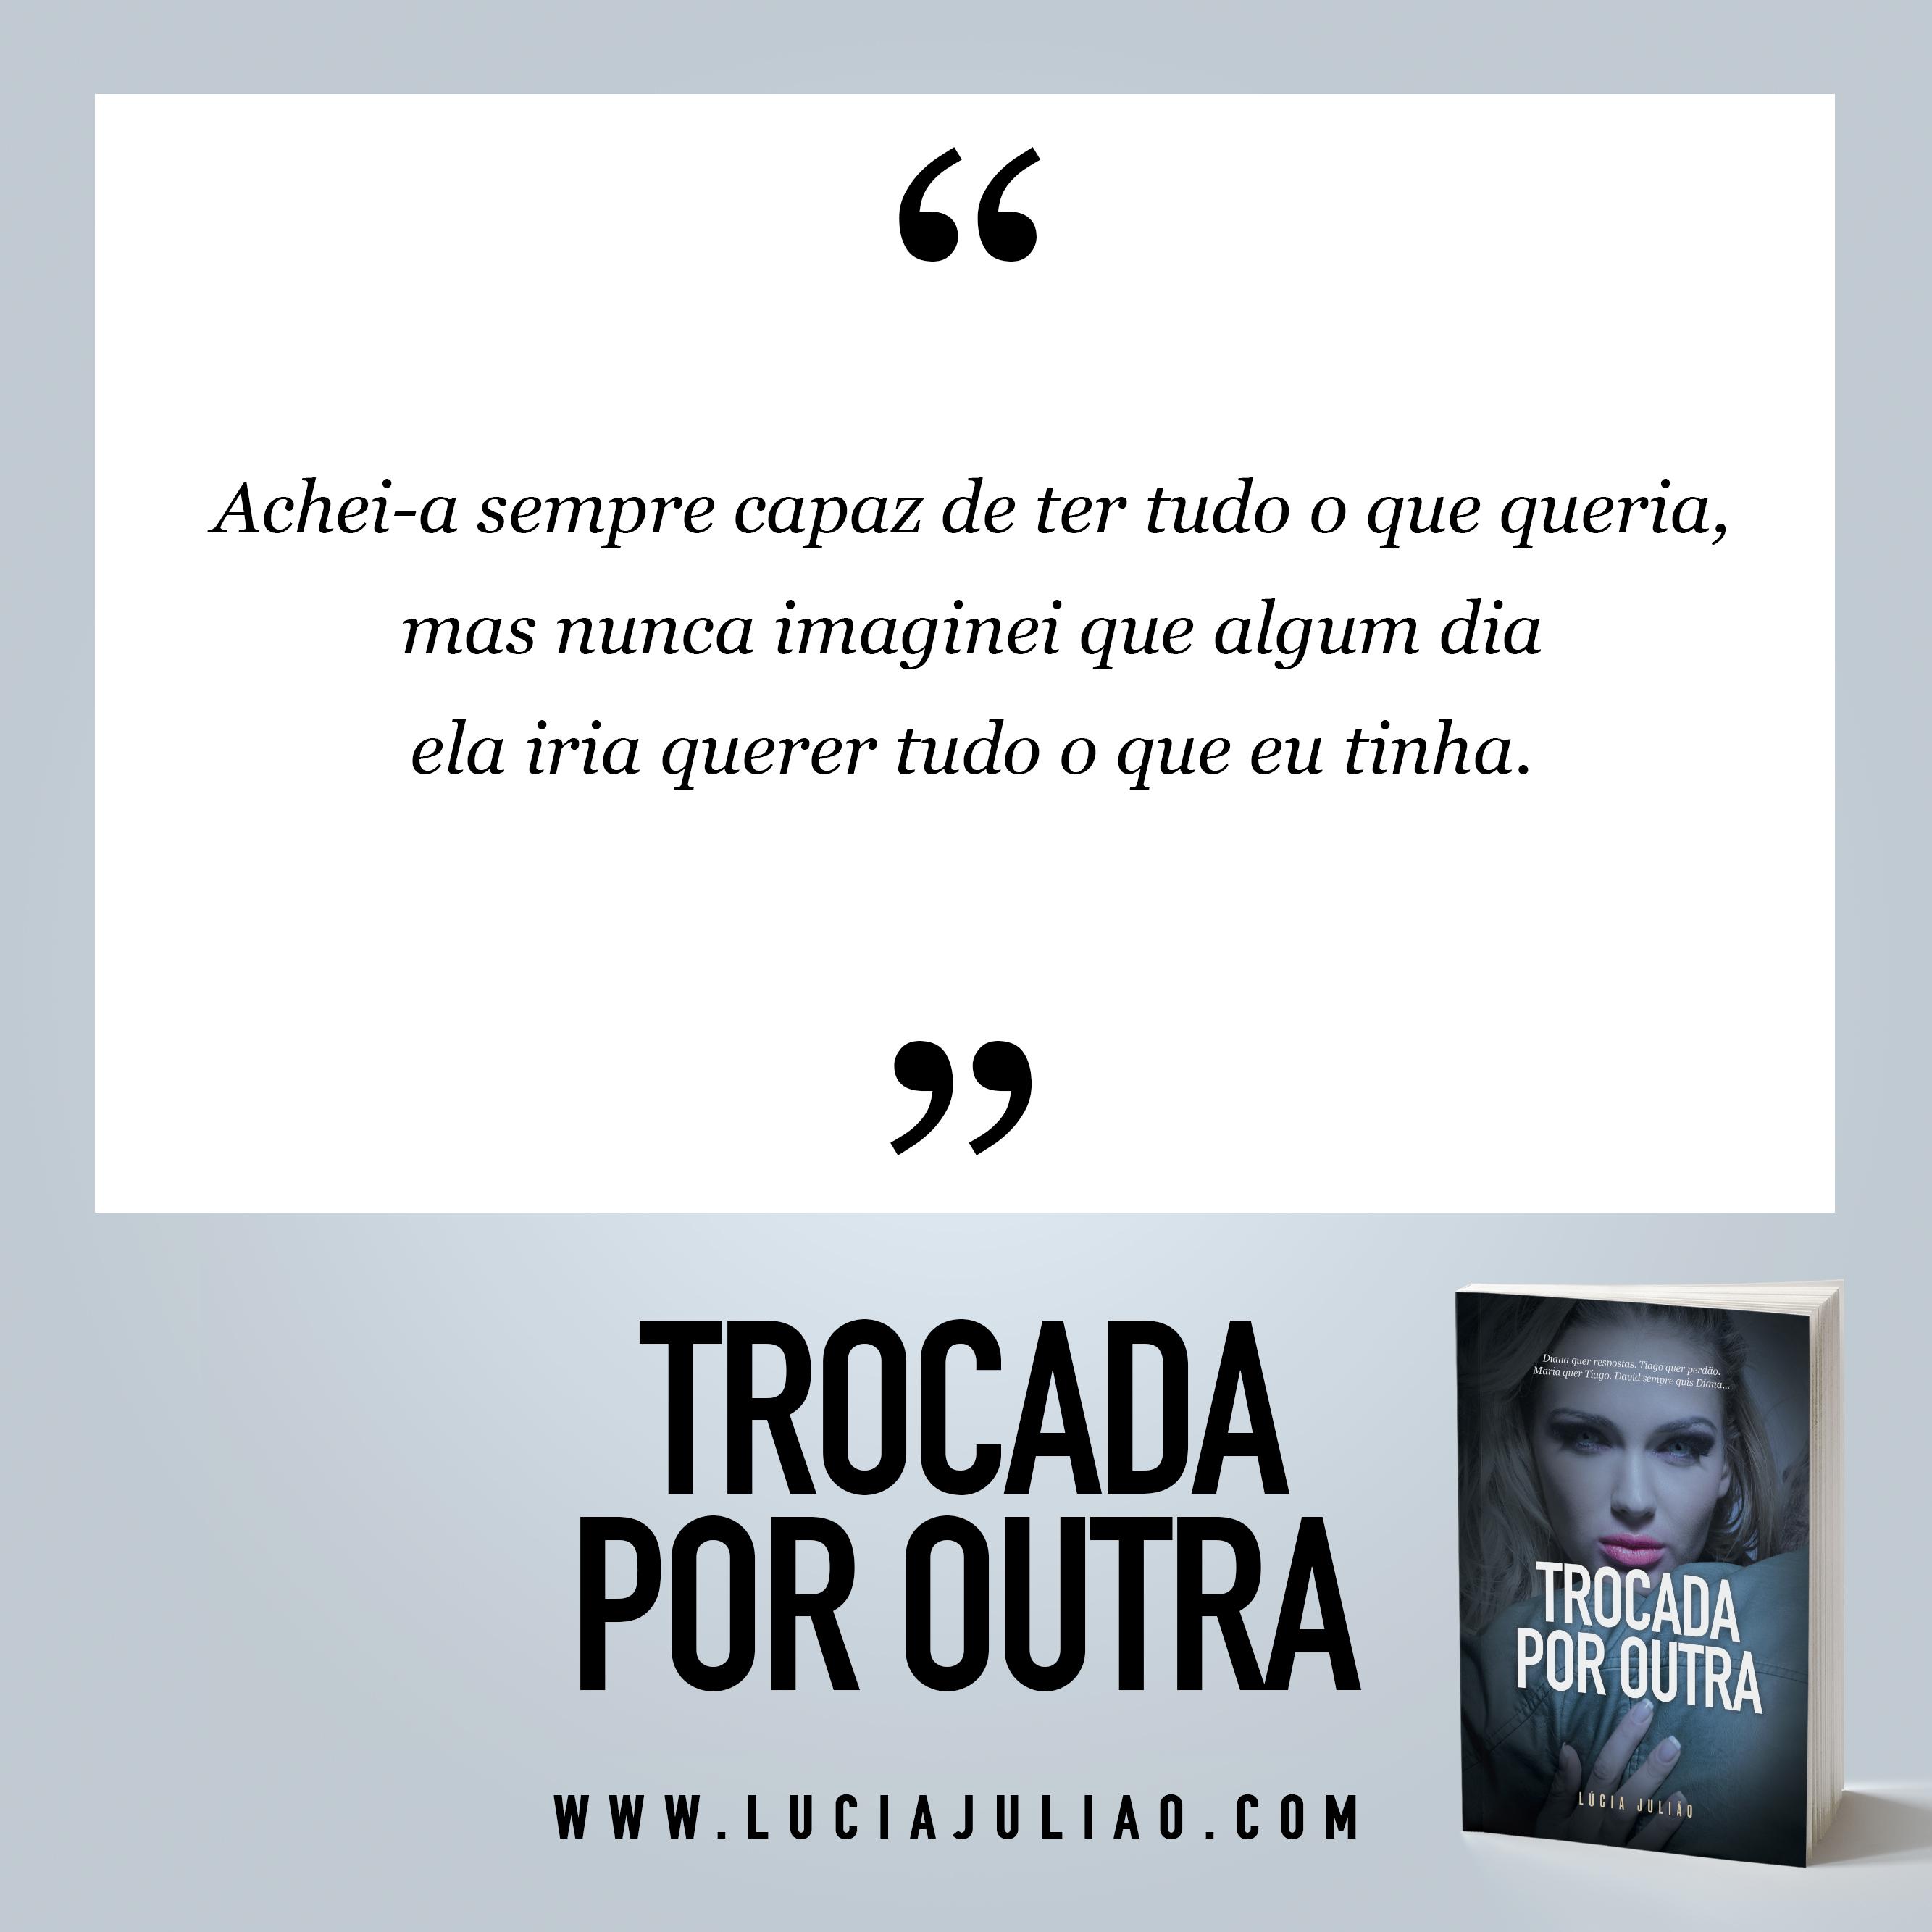 007Q - capítulo 2 - Trocada por outra - Lúcia Julião